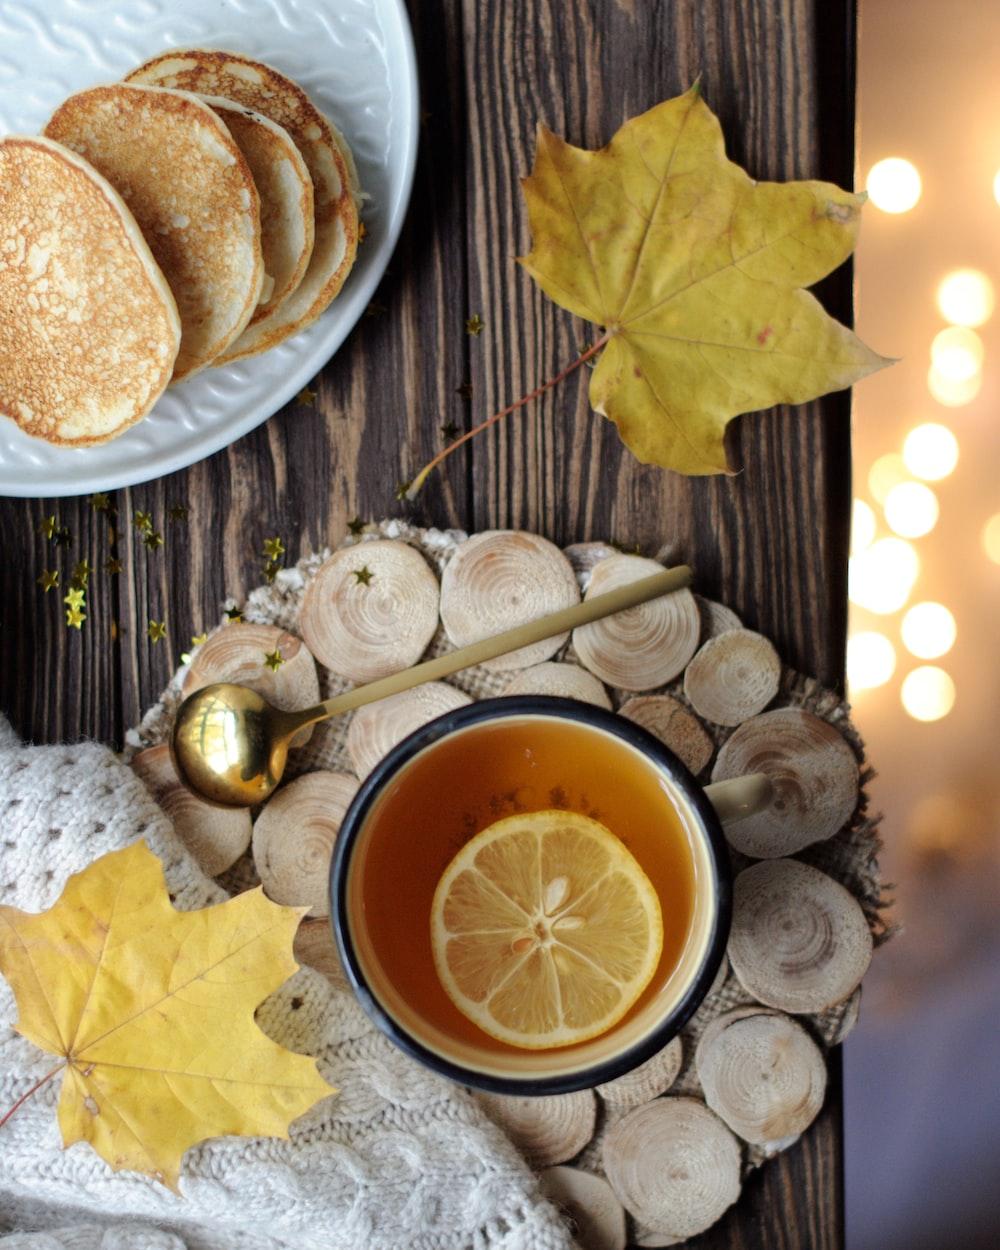 lemon tea in ceramic mug